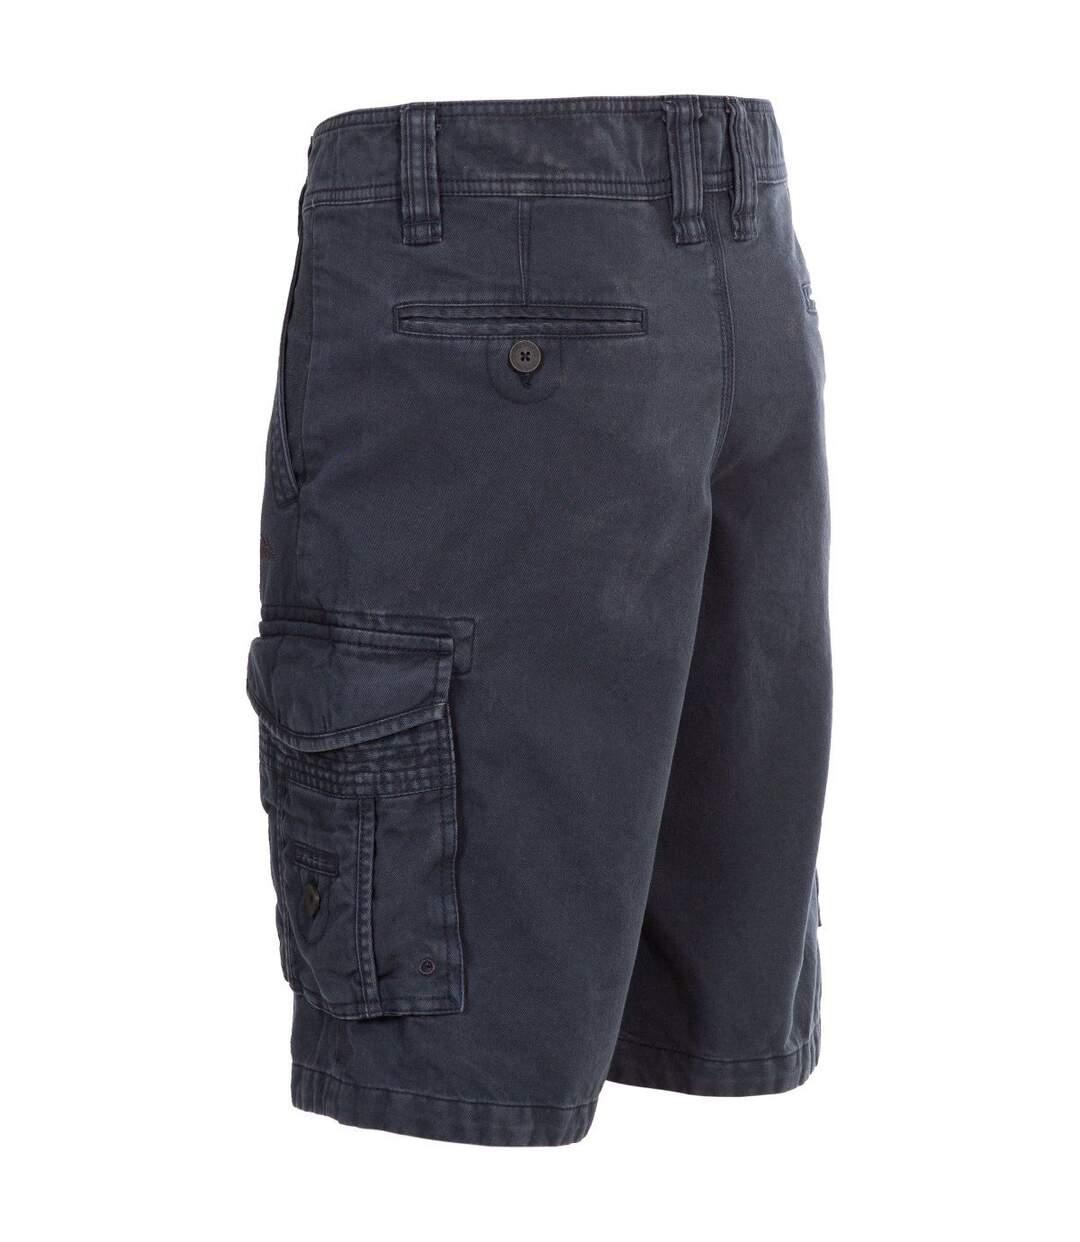 Trespass Mens Usmaston Cargo Shorts (Navy) - UTTP5193